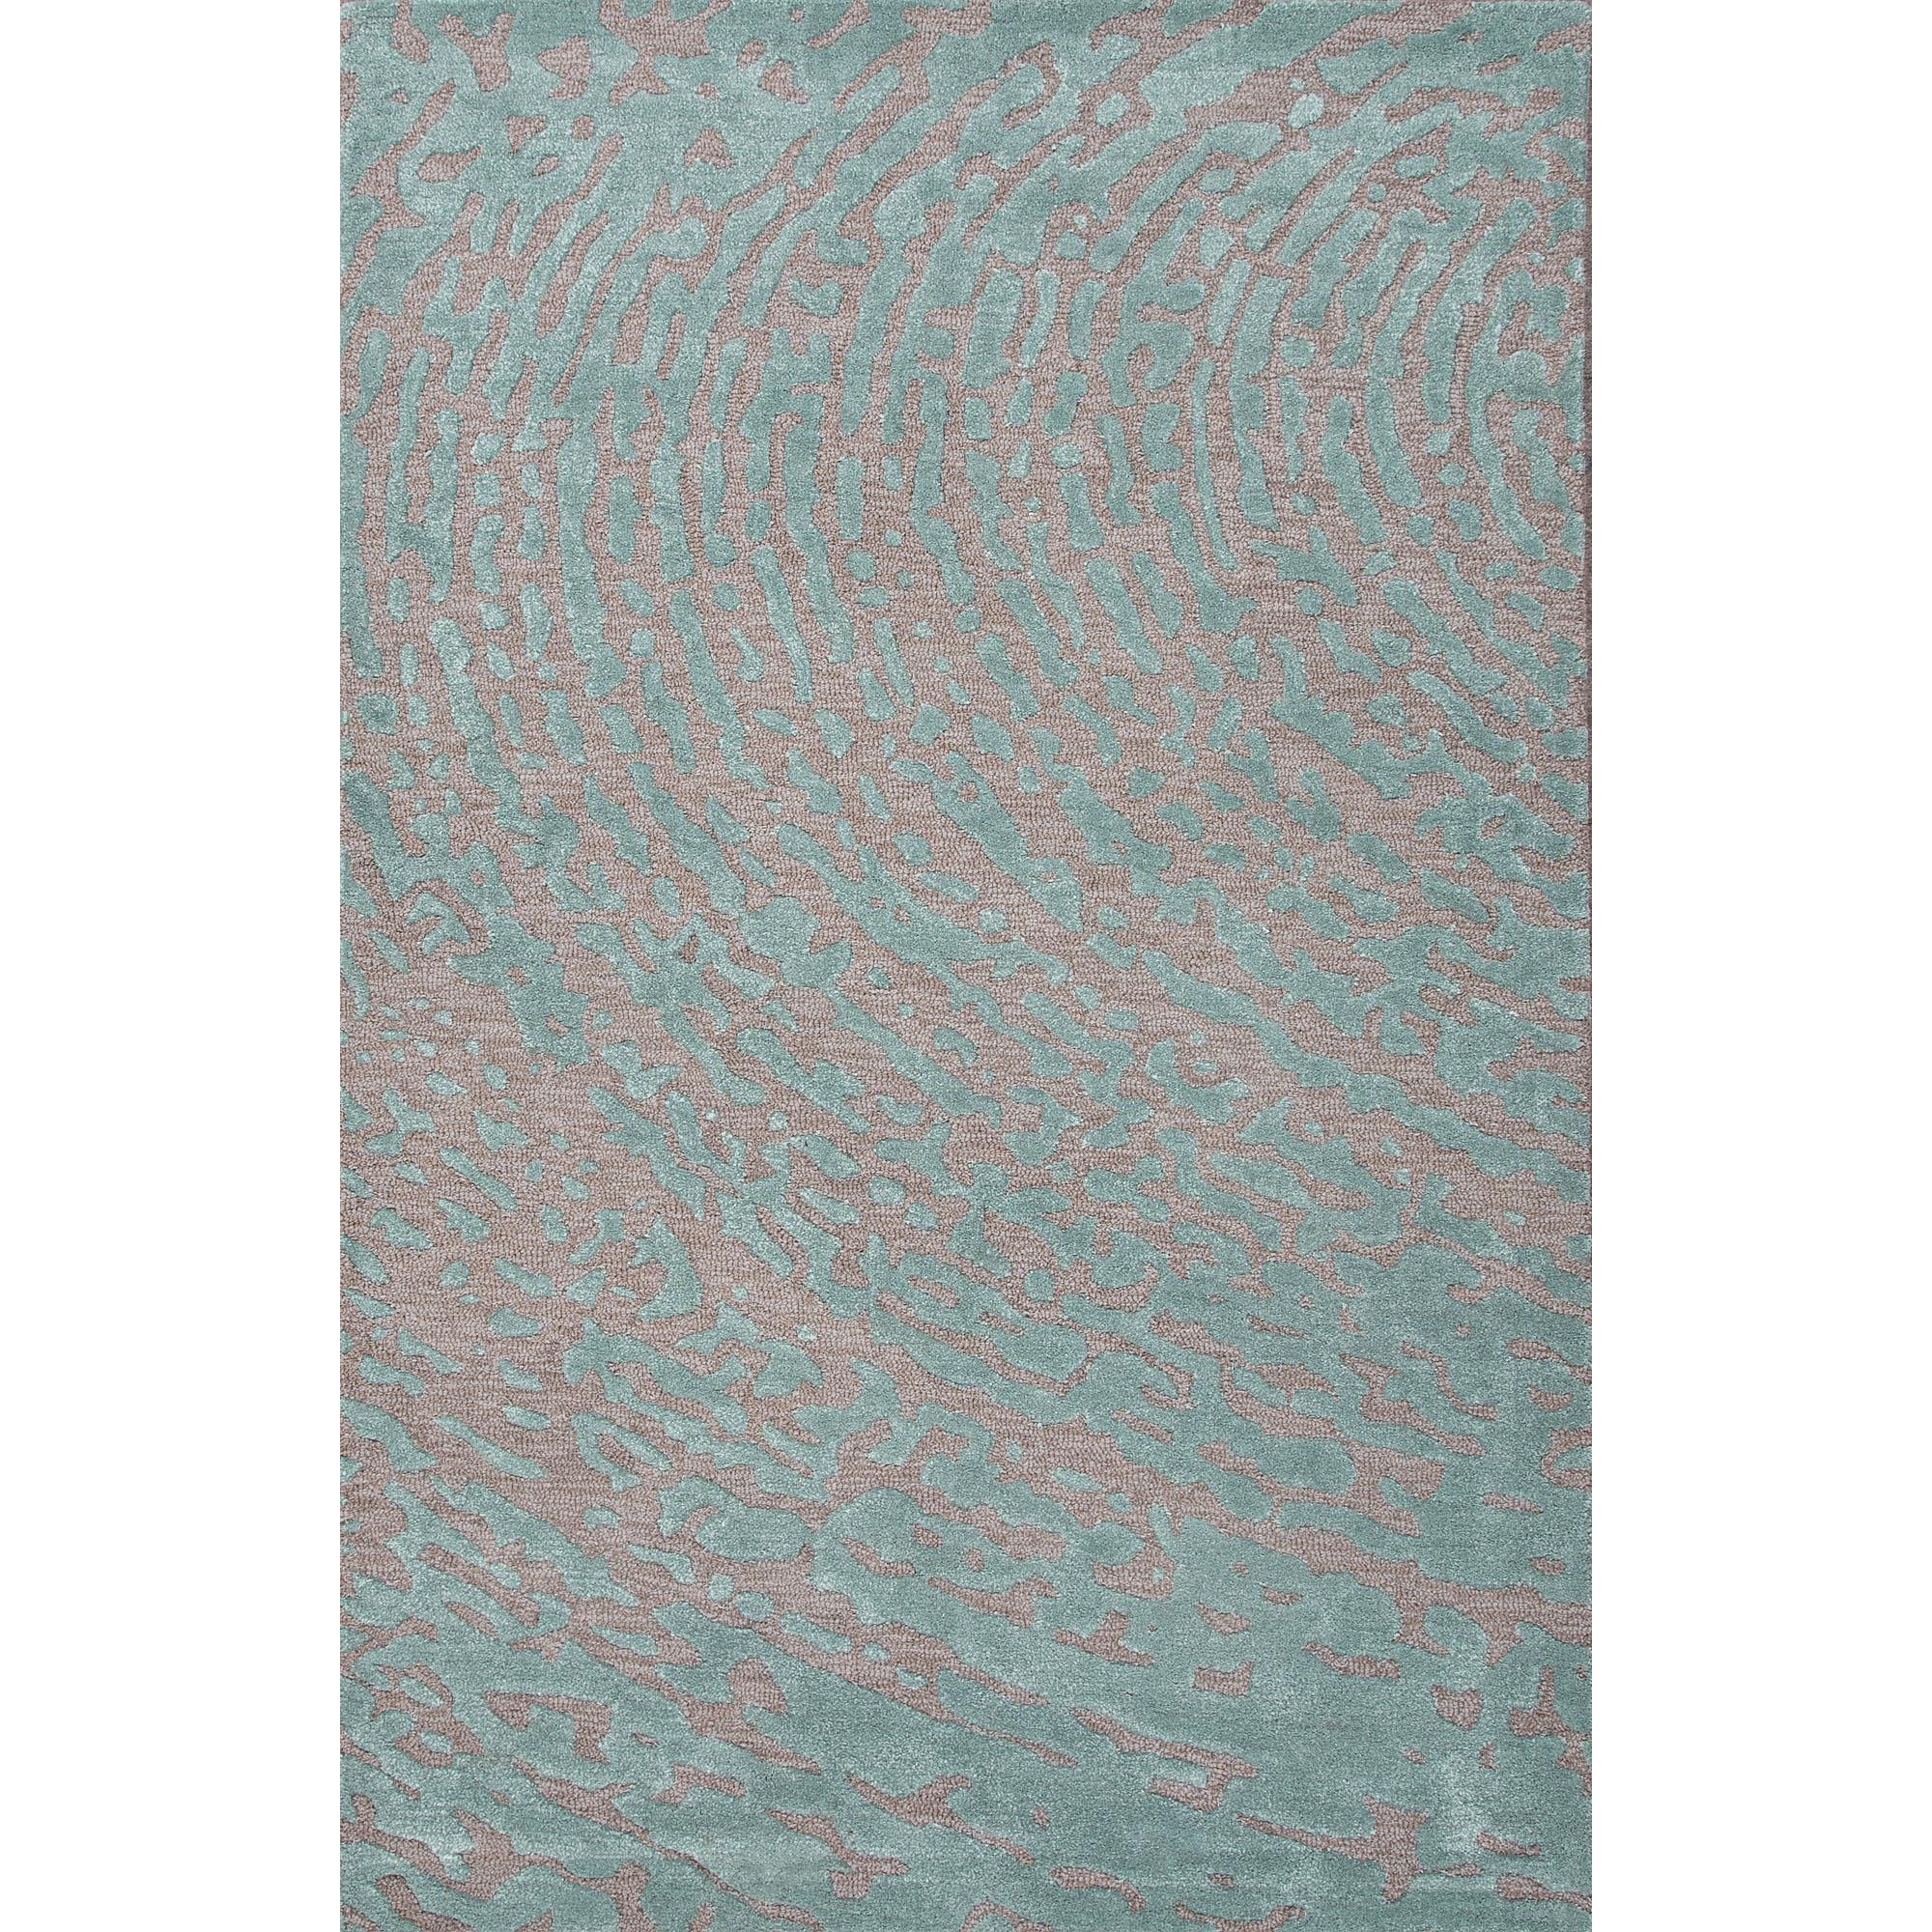 JAIPUR Rugs Clayton 8 x 10 Rug - Item Number: RUG113639